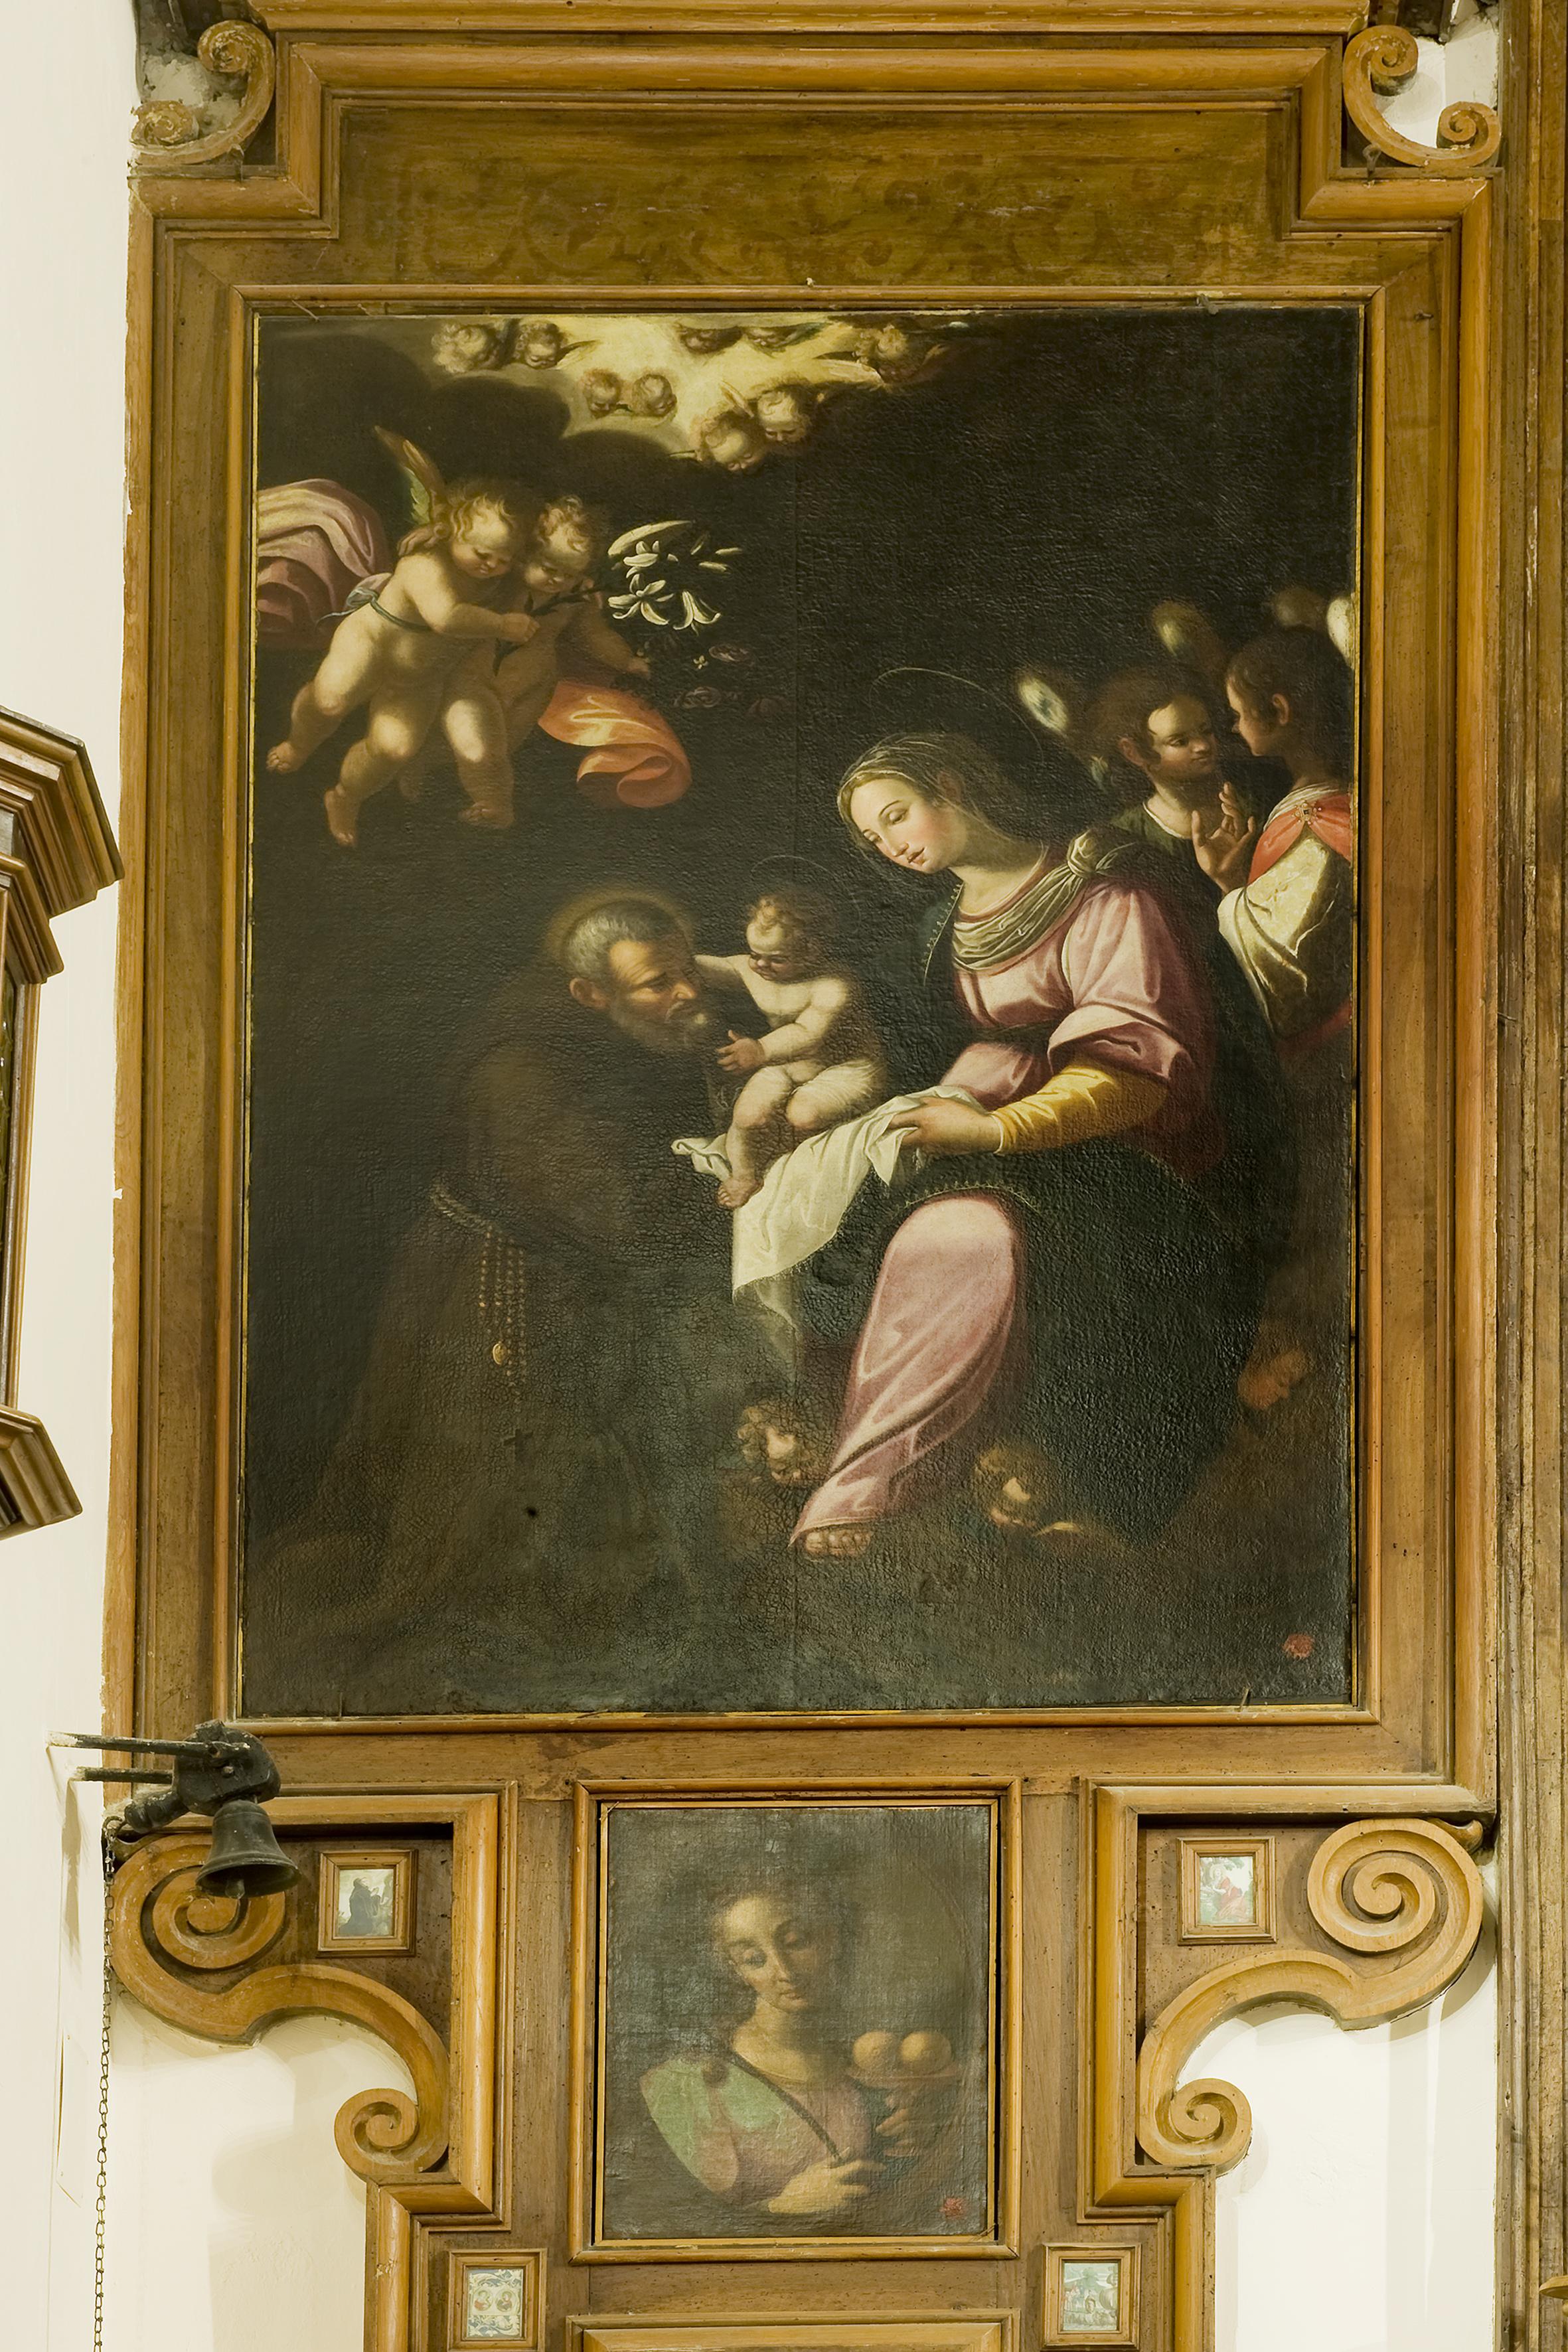 Fra Semplice da Verona, Beato Felice da Cantalice, olio su tela, sec. XVII